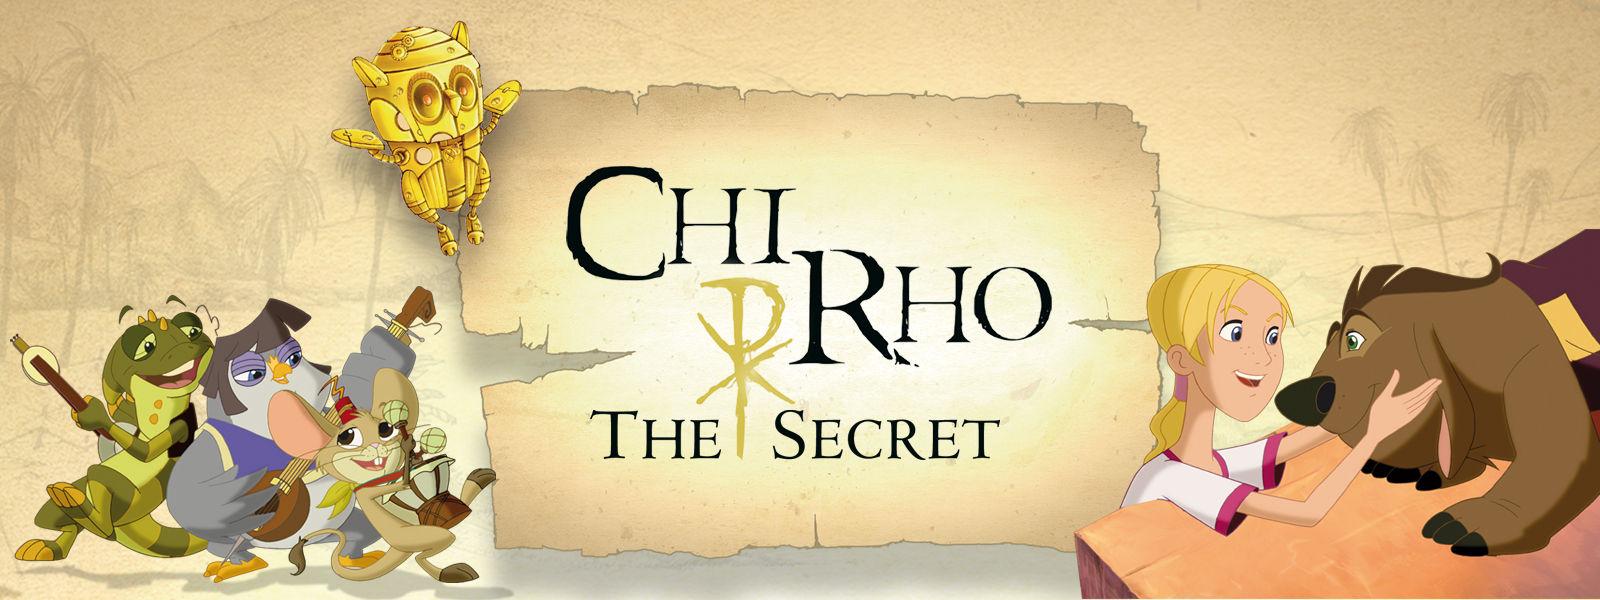 Chi-Rho: The Secret